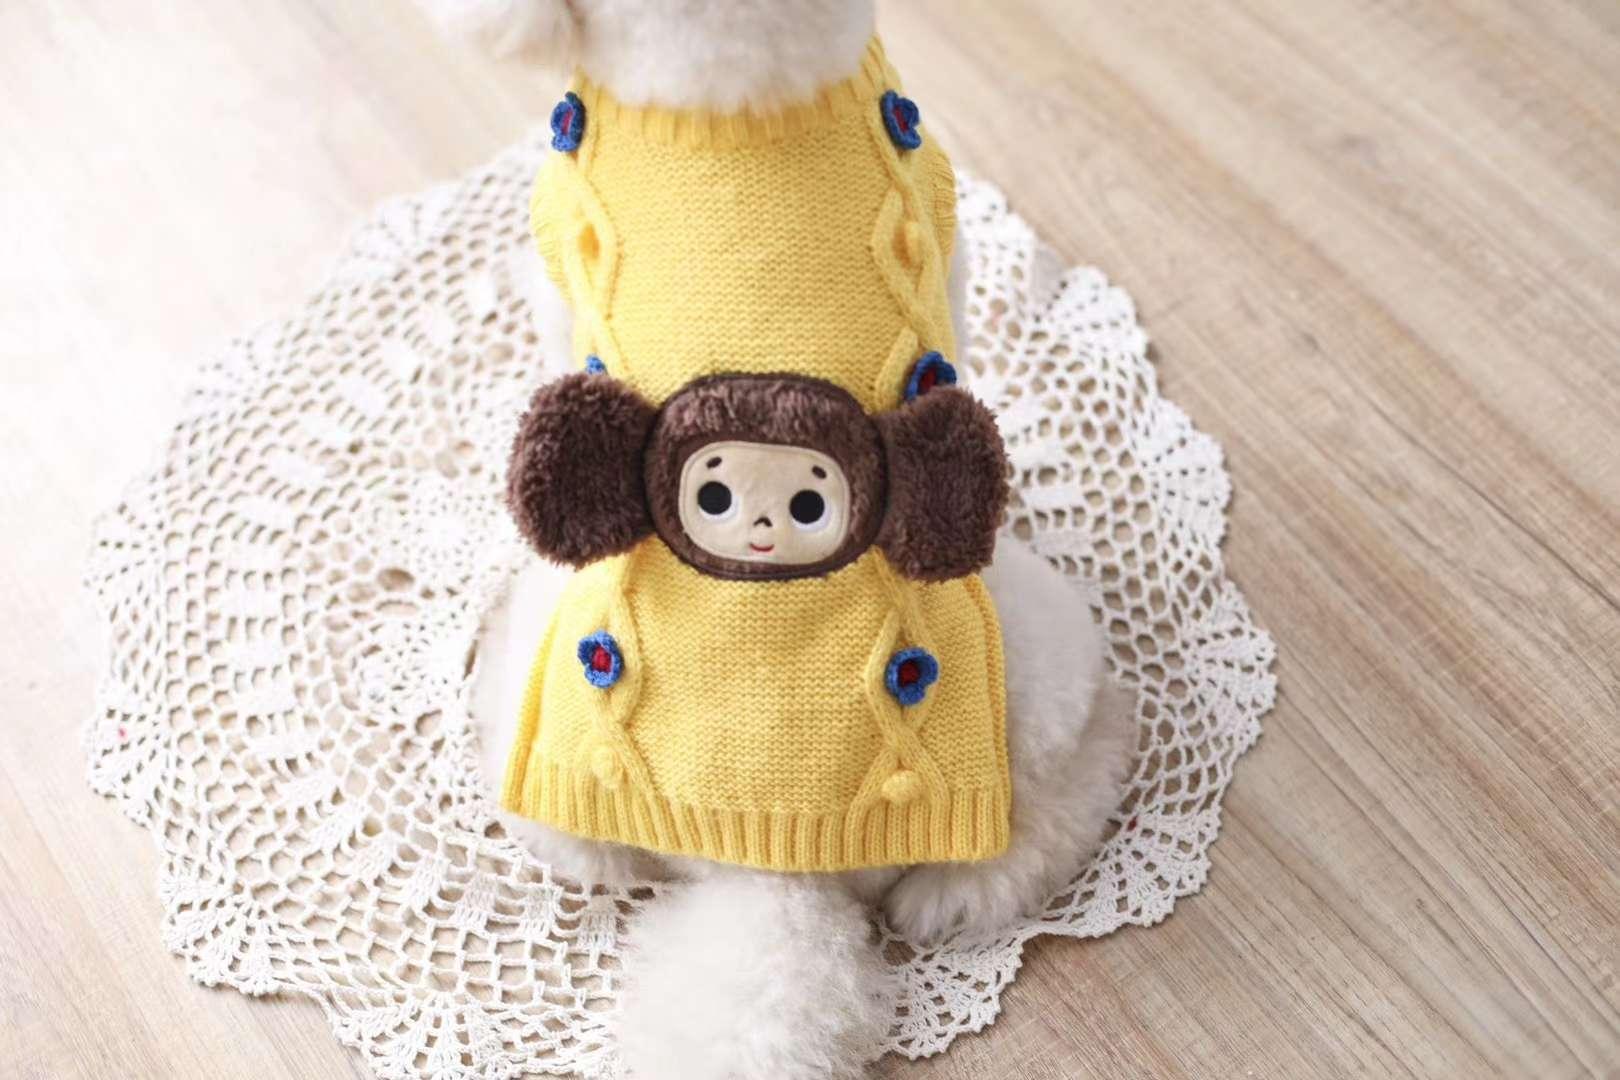 新款,卡通大耳猴毛衣 上新至今,库存已销售过半,非常受欢迎的一款服饰 代理们,让我们争取今年把它全部清空[憨笑][憨笑]